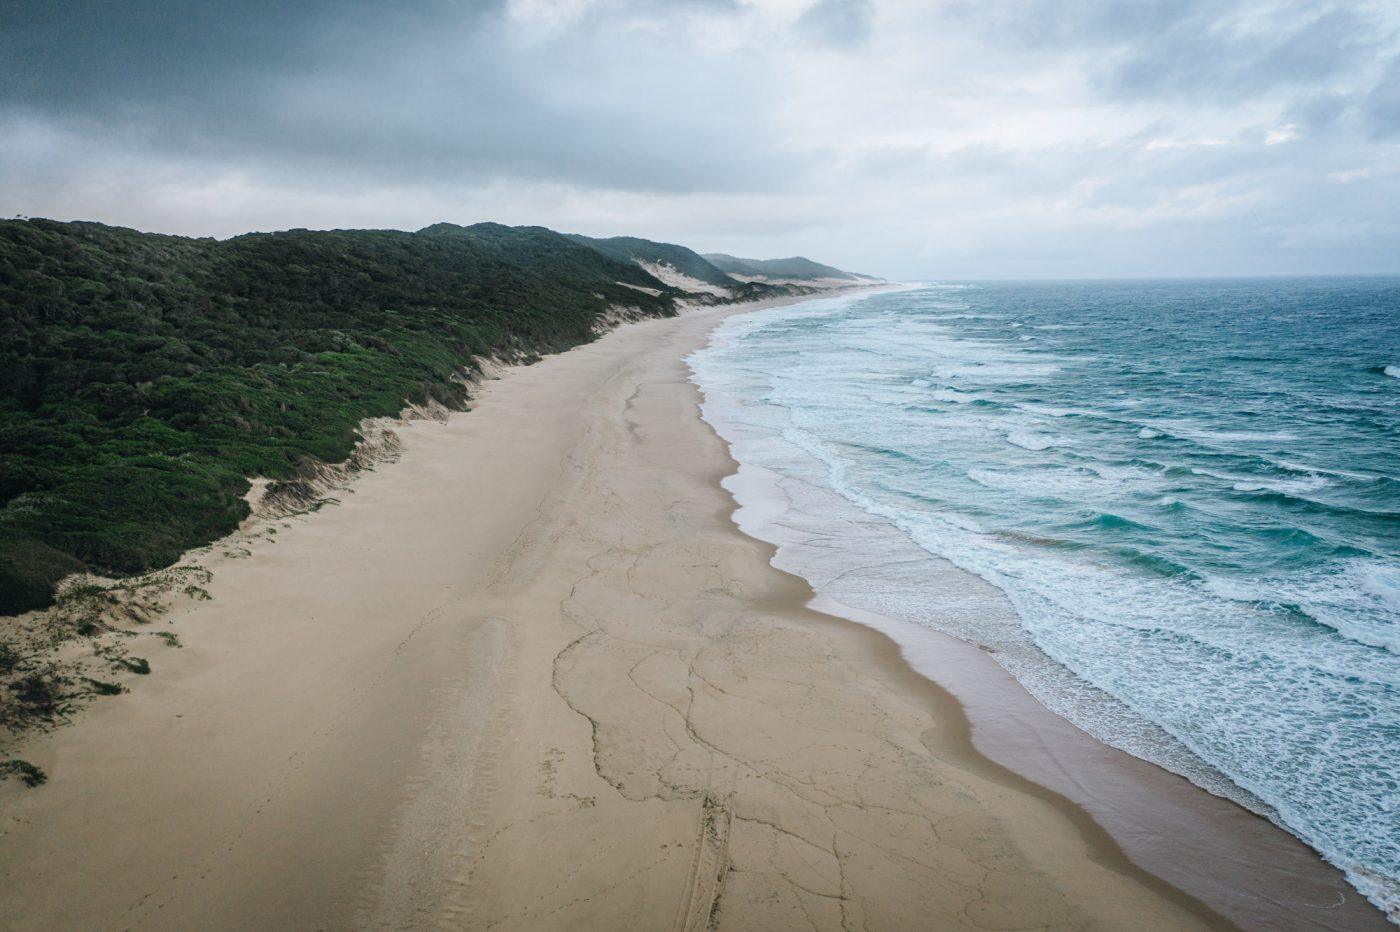 Mabibi Beach, iSimangaliso Wetland Park